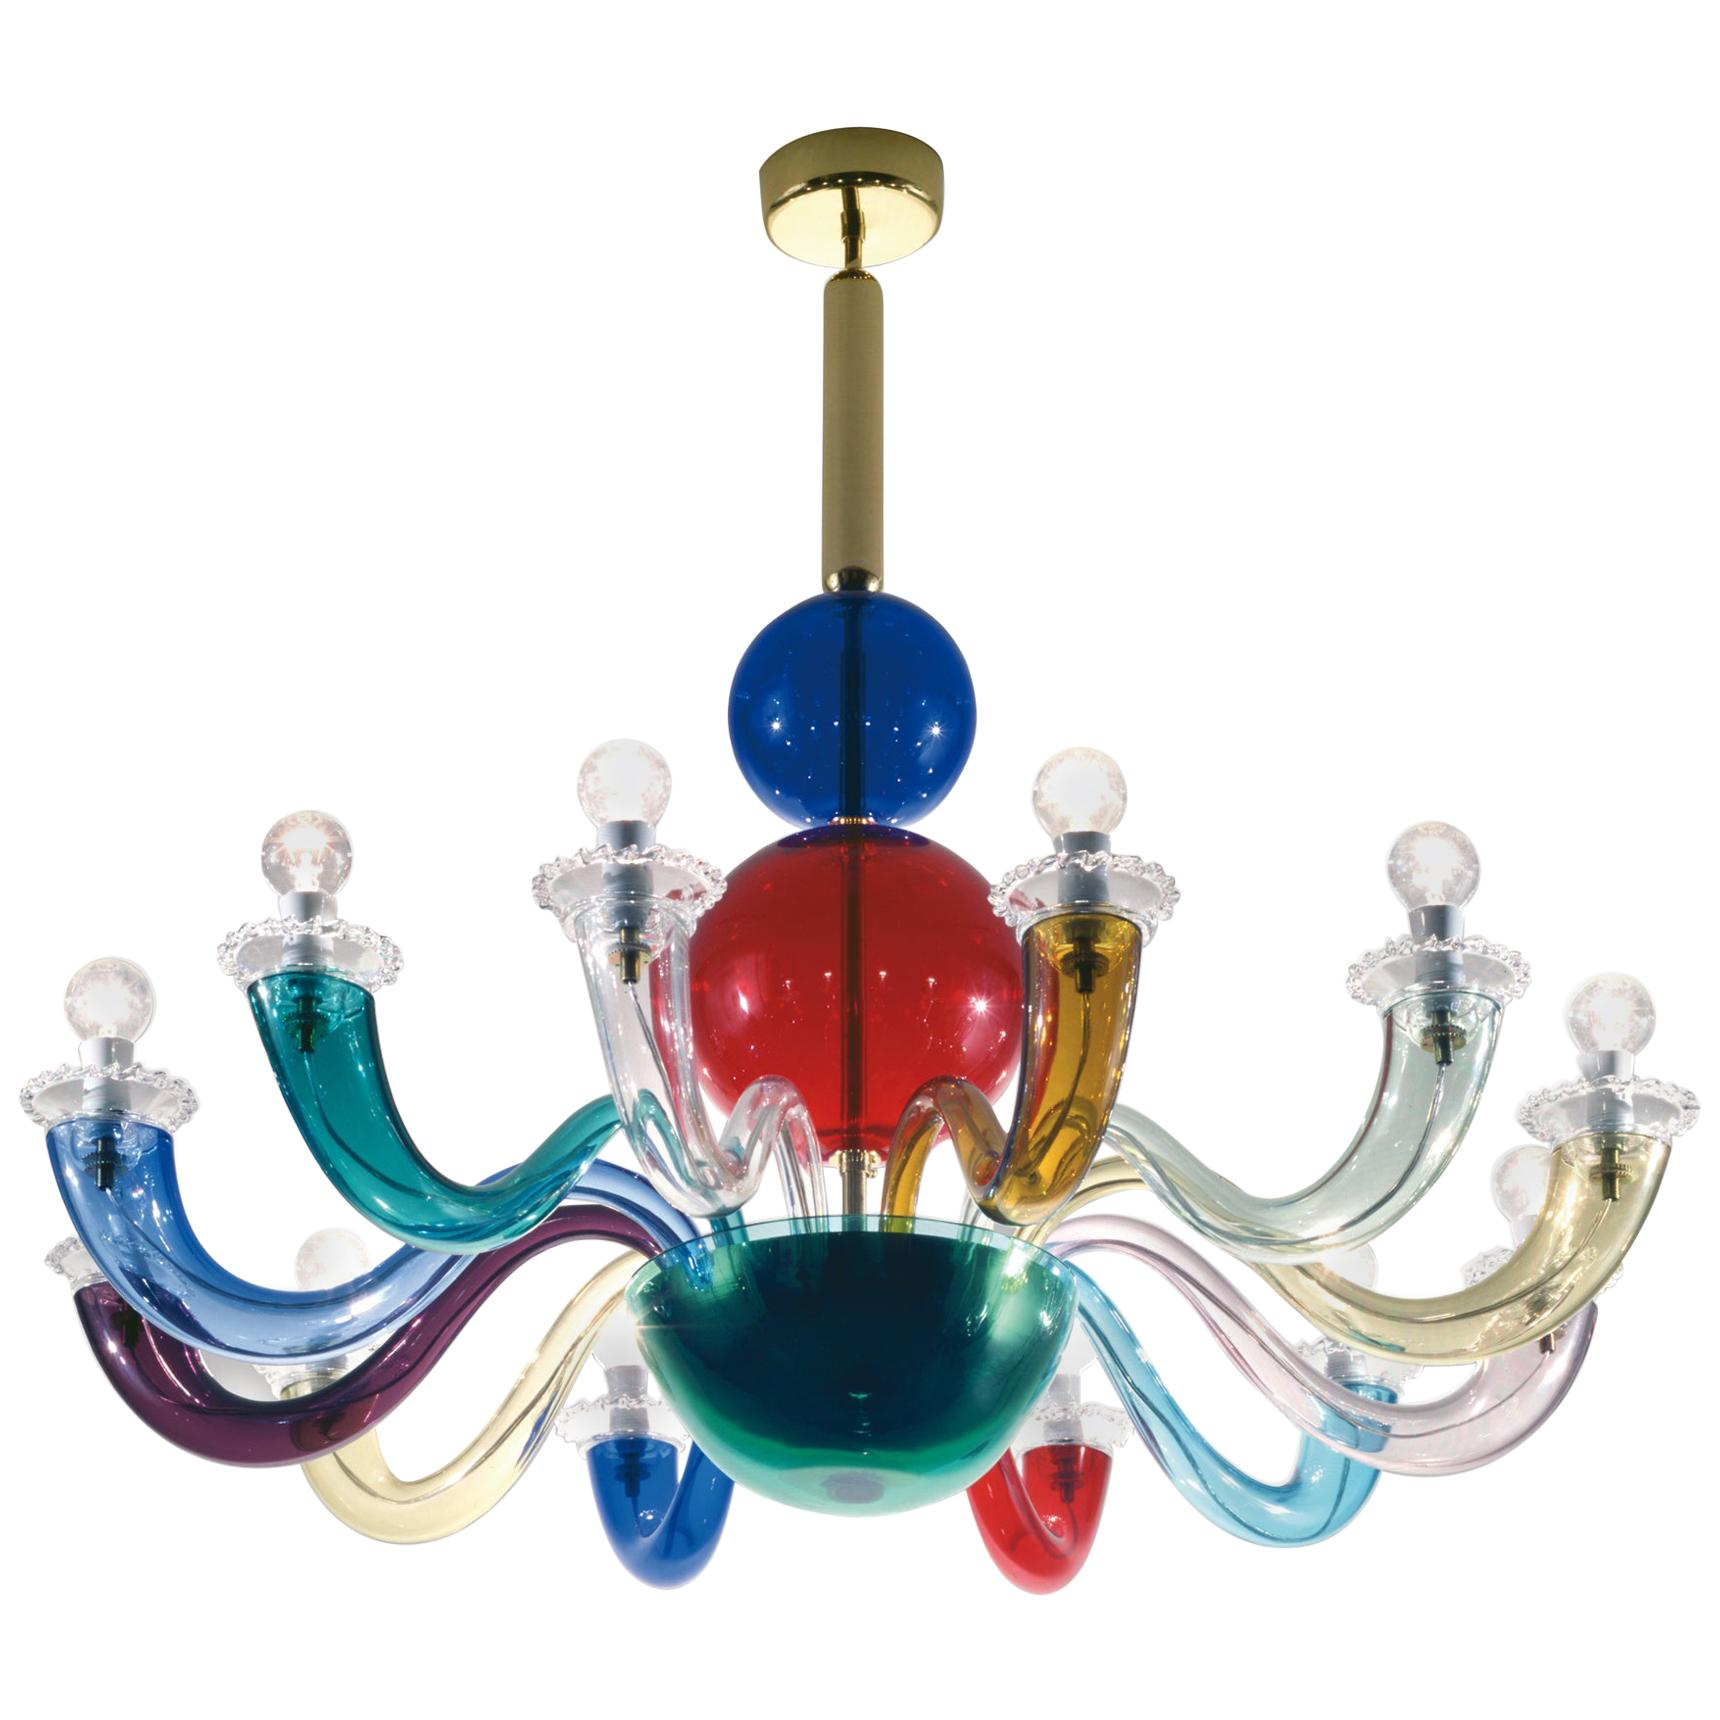 Venini Gio Ponti 12-Arm Chandelier in Multicolor by Gio Ponti